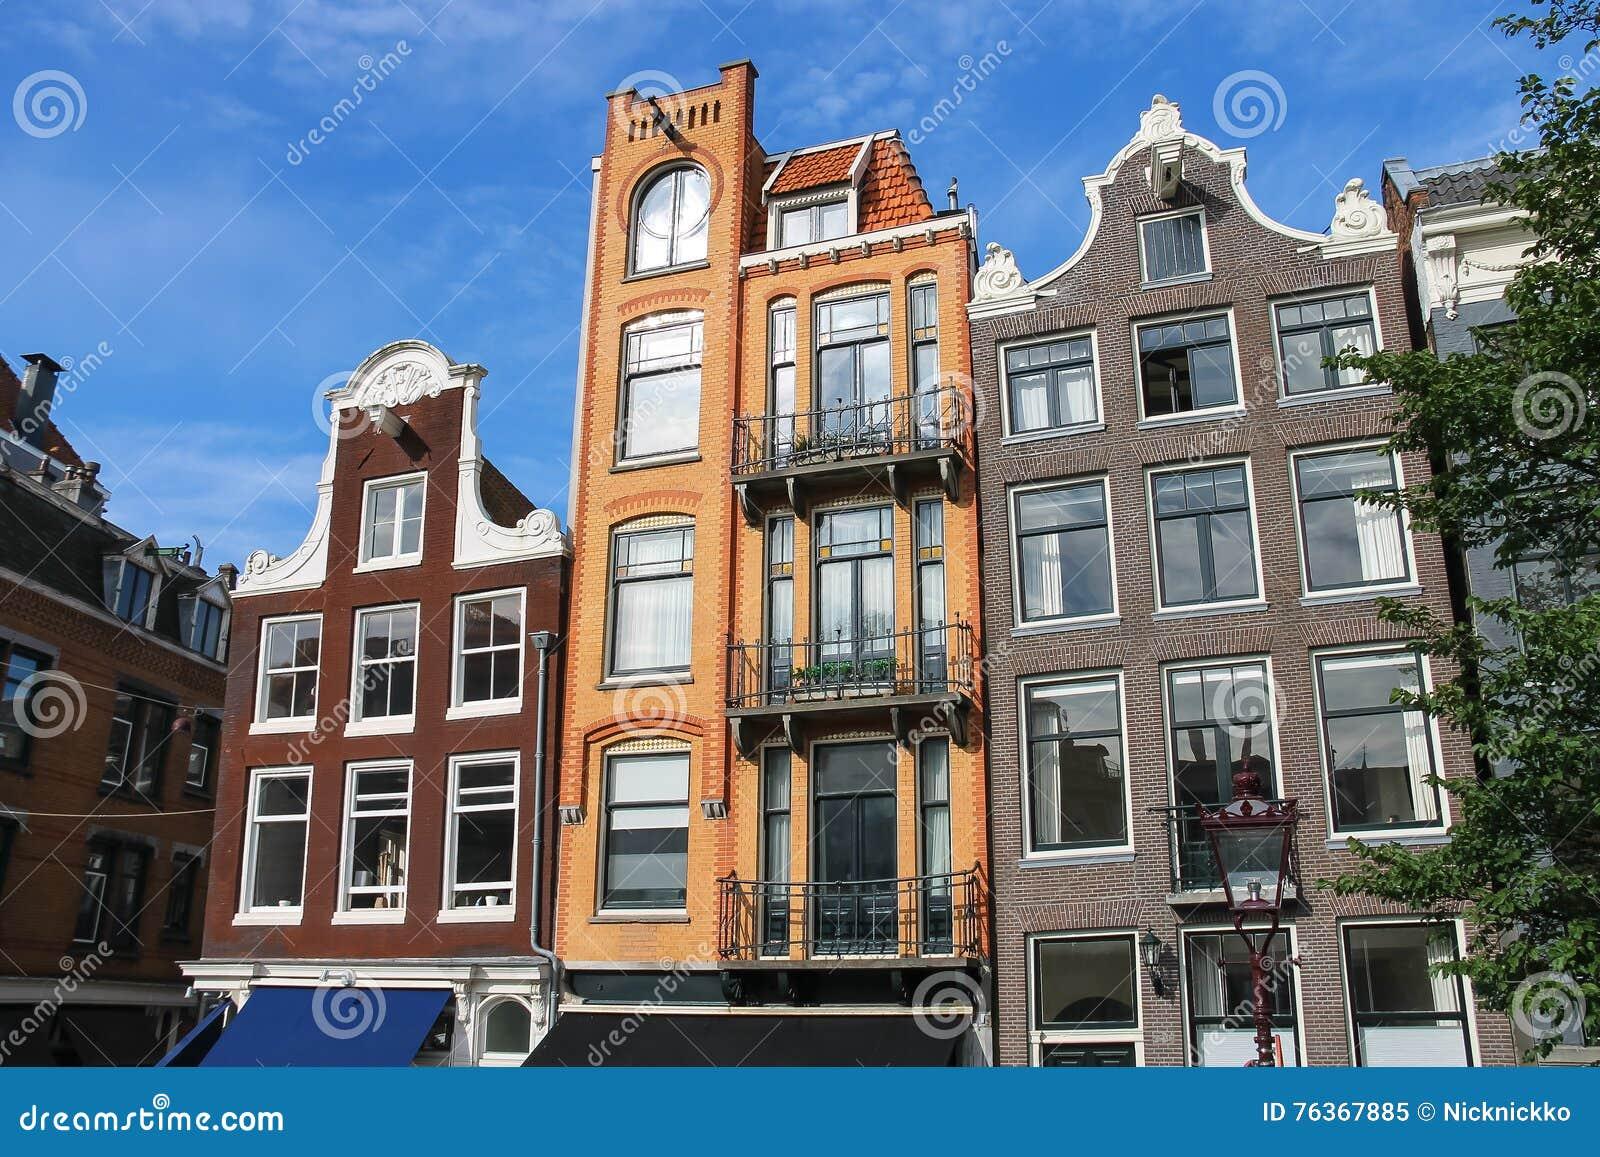 Stijl Van Amsterdam.Huizen In De Klassieke Nederlandse Stijl In Amsterdam